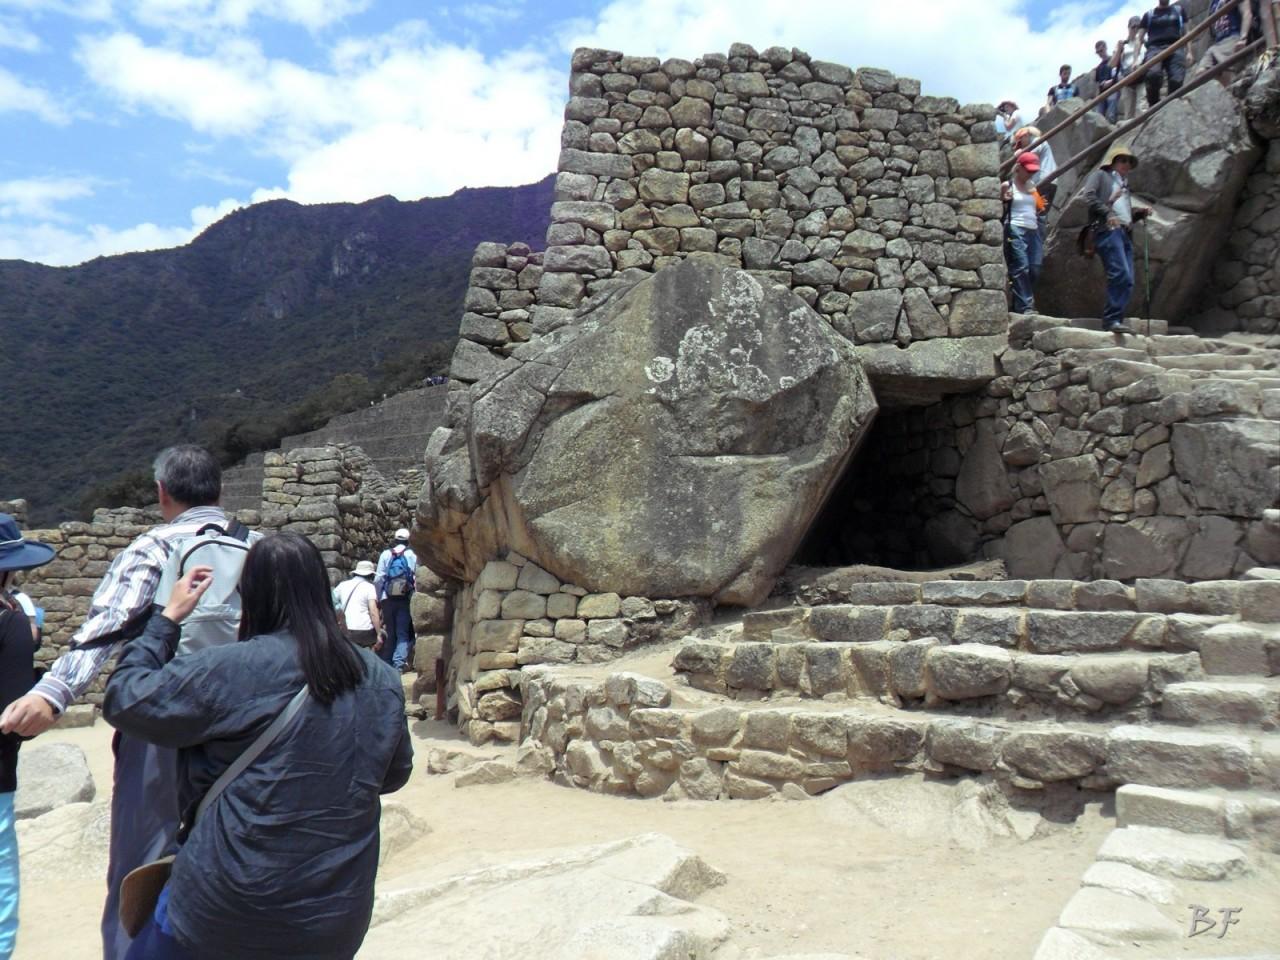 Mura-Poligonali-Incisioni-Altari-Edifici-Rupestri-Megaliti-Machu-Picchu-Aguas-Calientes-Urubamba-Cusco-Perù-93